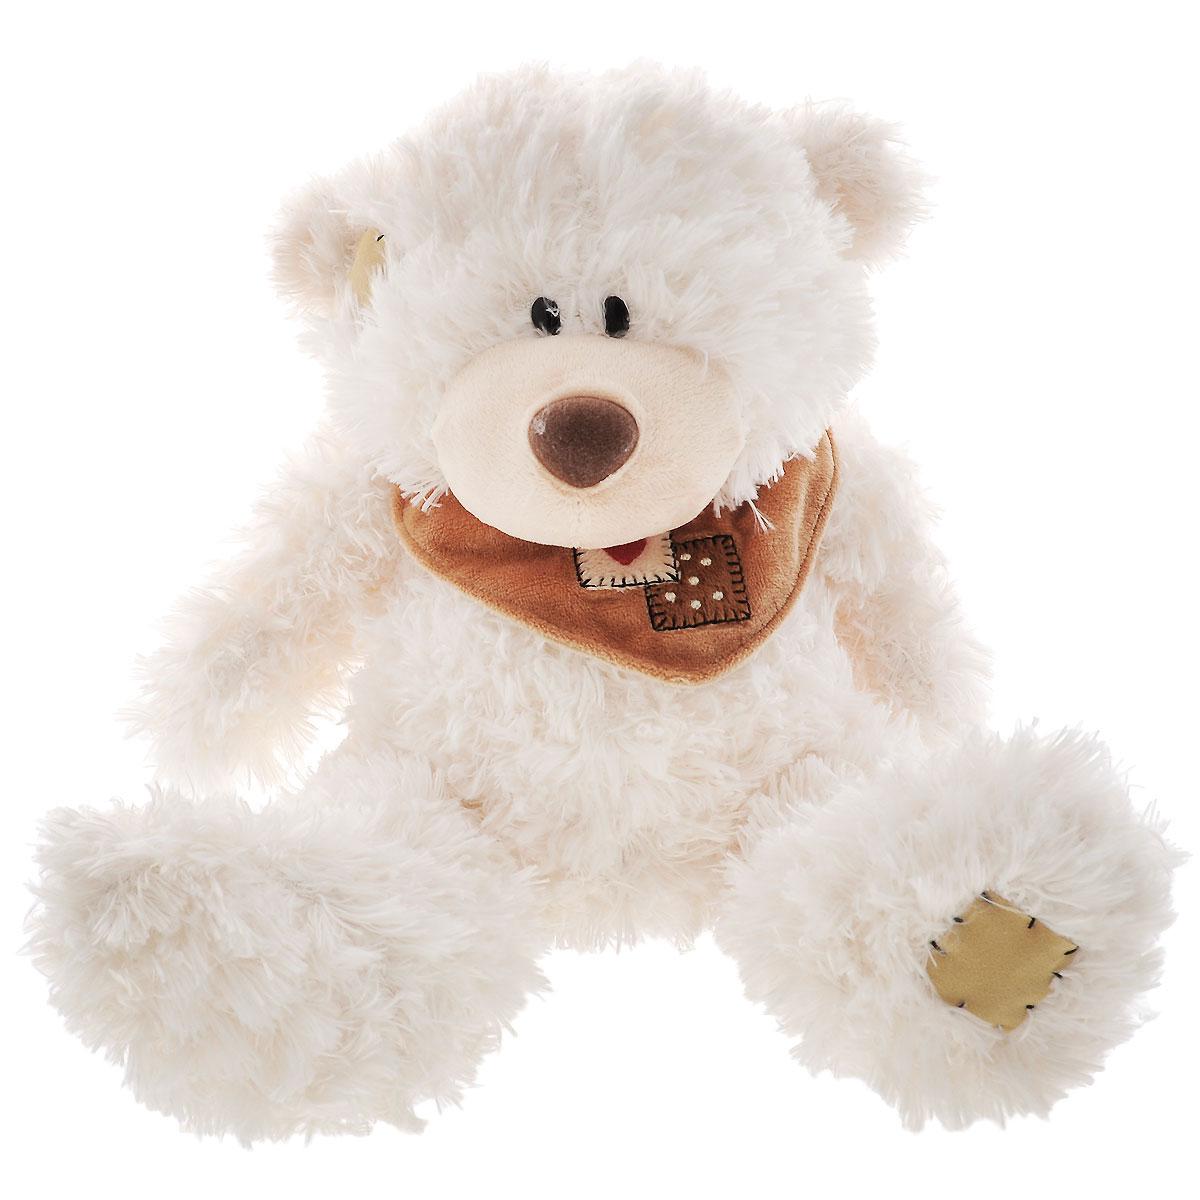 Plush Apple Мягкая игрушка Белый медведь с шарфом, 25 смK76163A,A1Мягкая игрушка Plush Apple Белый медведь с шарфом, выполненная в виде медвежонка, вызовет умиление и улыбку у каждого, кто ее увидит. Изготовлен медвежонок из текстильных материалов, с элементами из пластика. Необычайно мягкая игрушка принесет радость и подарит своему обладателю мгновения нежных объятий и приятных воспоминаний. Мягкая игрушка способствует развитию воображения и тактильной чувствительности у детей.